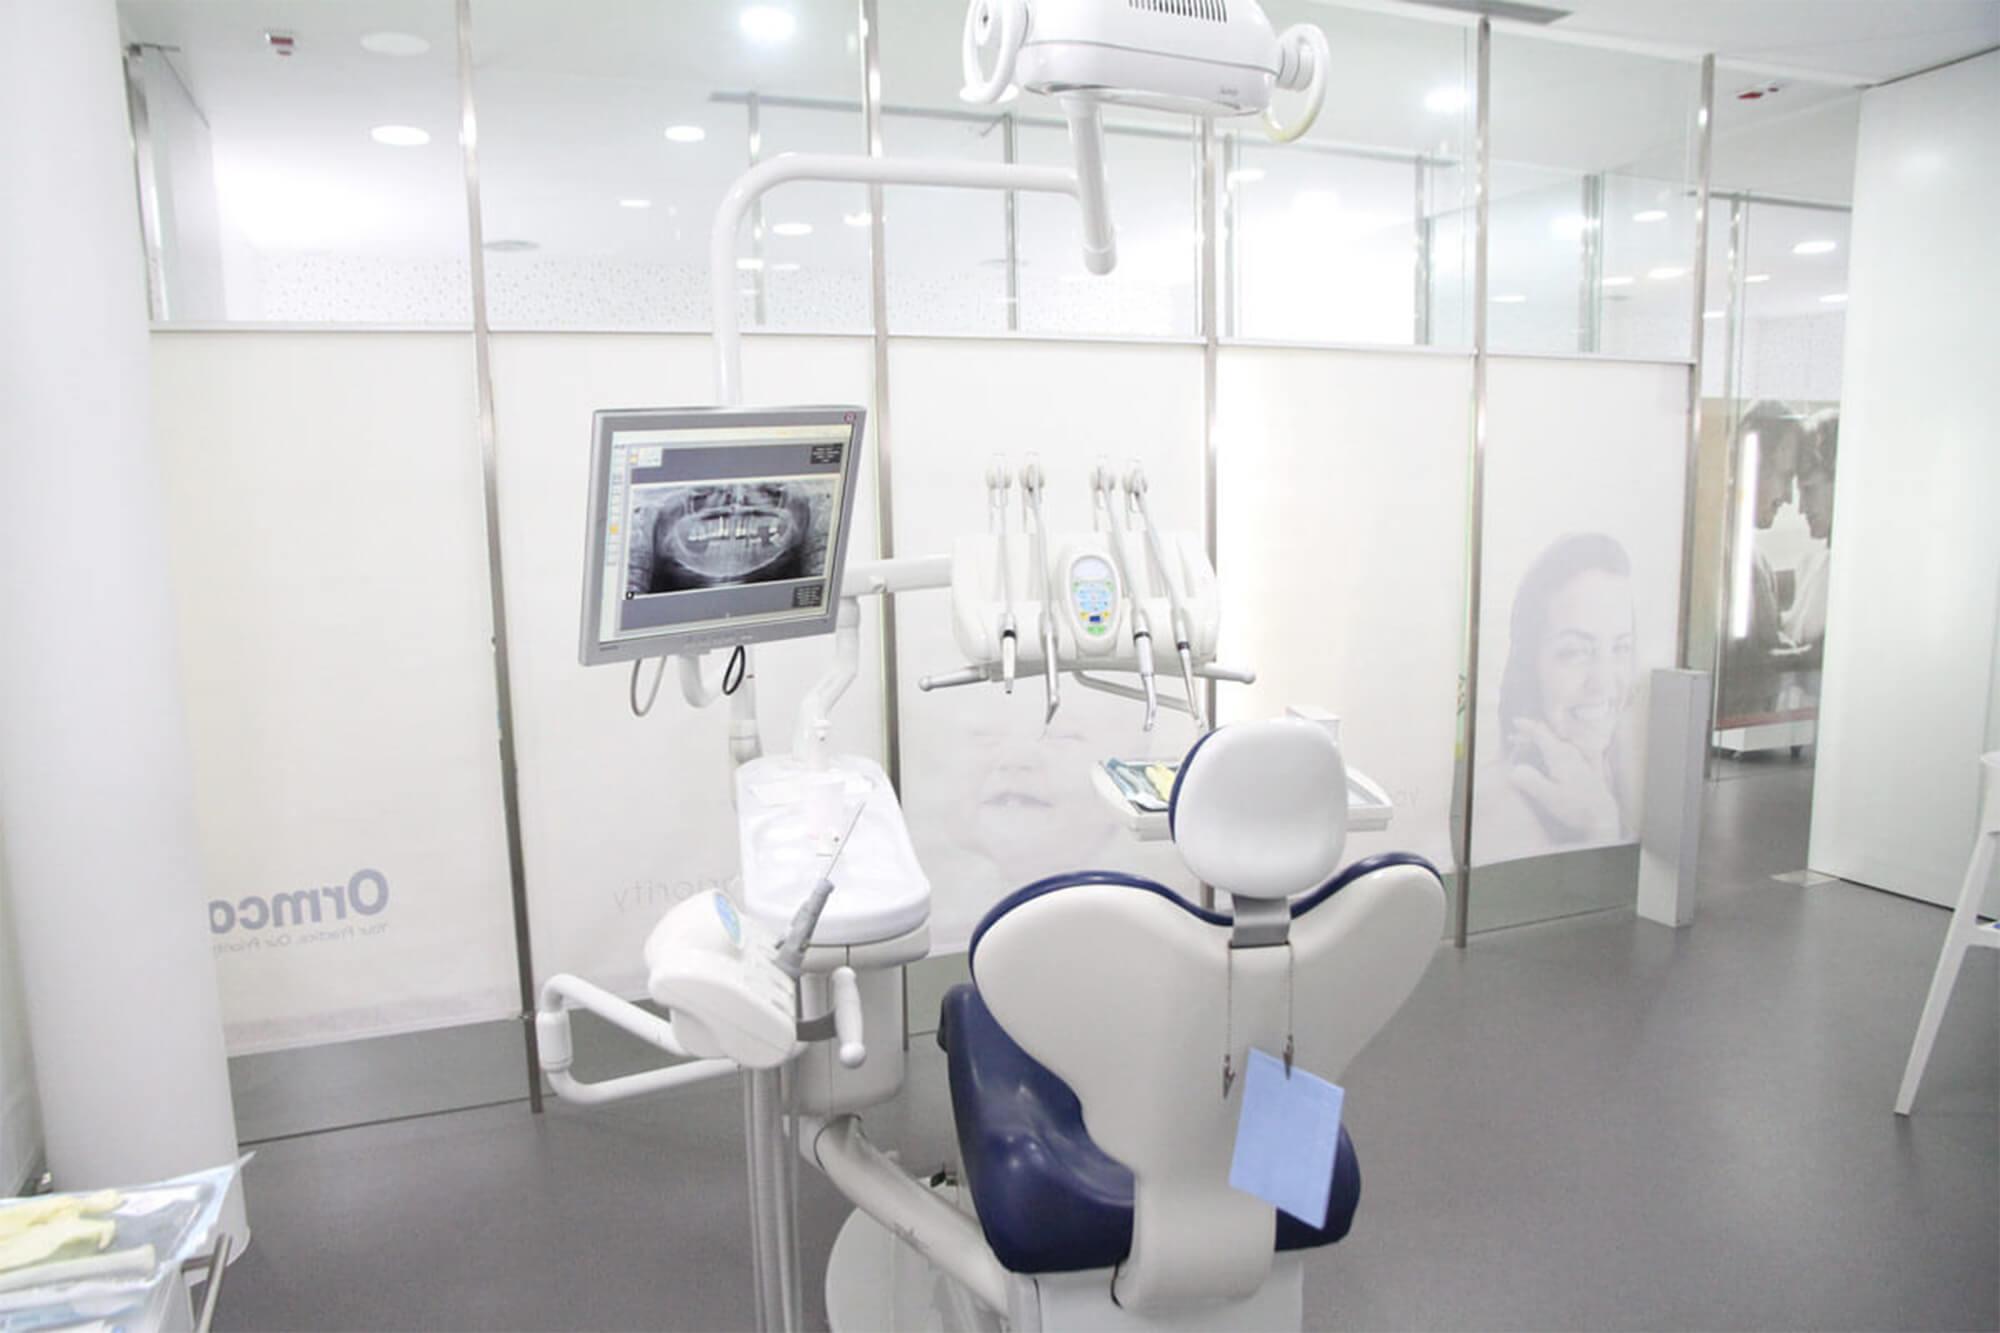 clinica-canidelo-orto-m-23